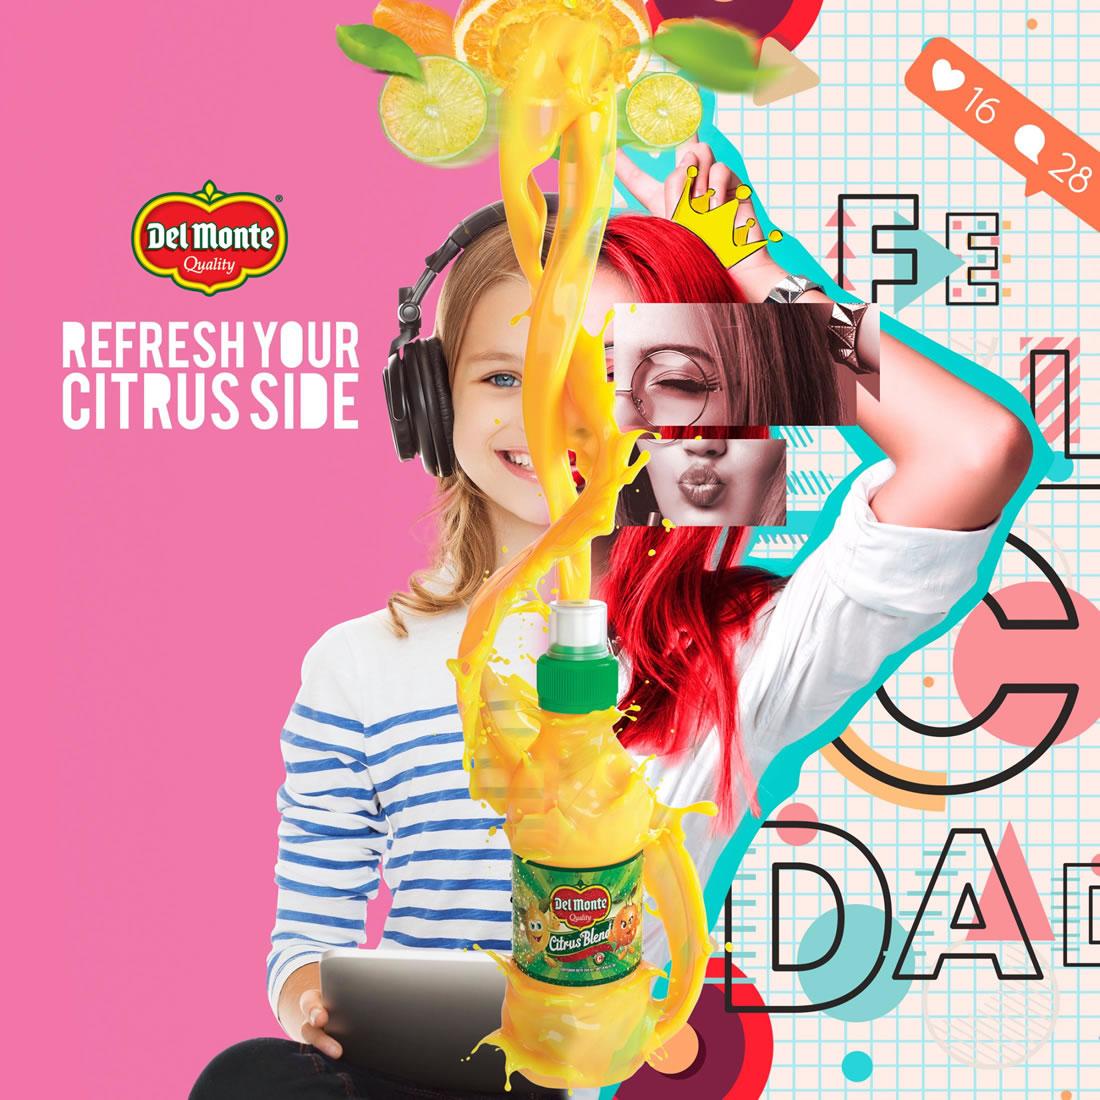 Inspiration - 130 Affiches Publicitaires Graphiques de Mars 2018 104